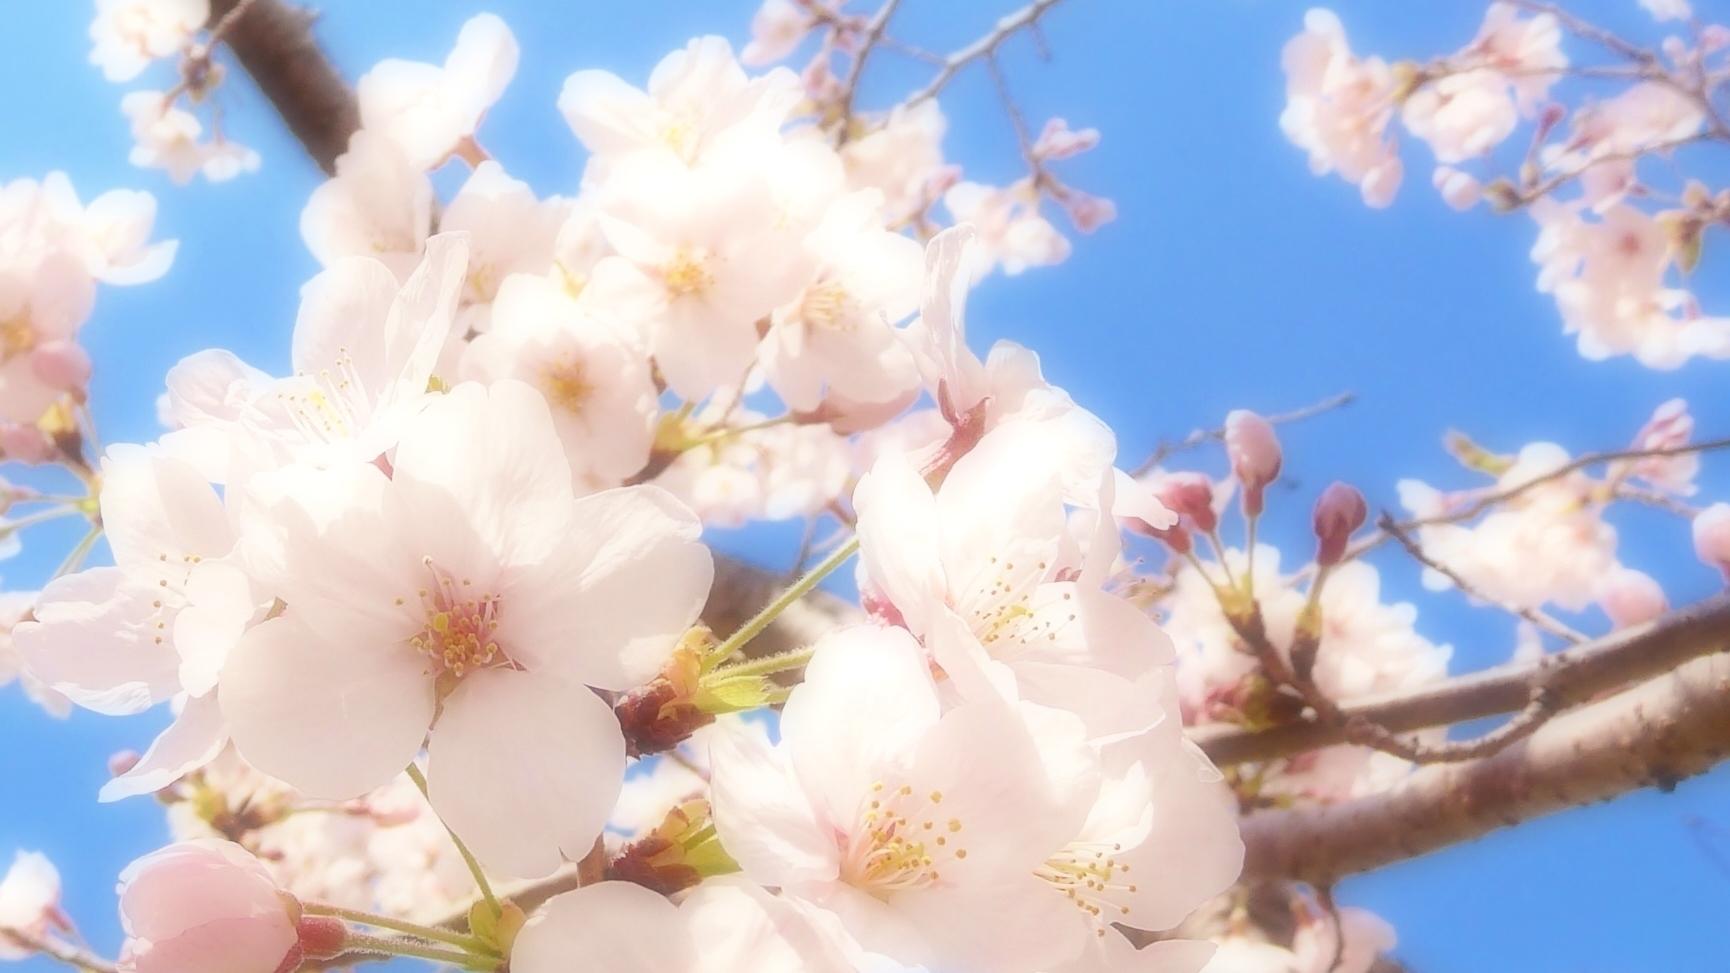 スタバのさくら咲いたベリーフラペチーノ!カロリーと期間いつまで?